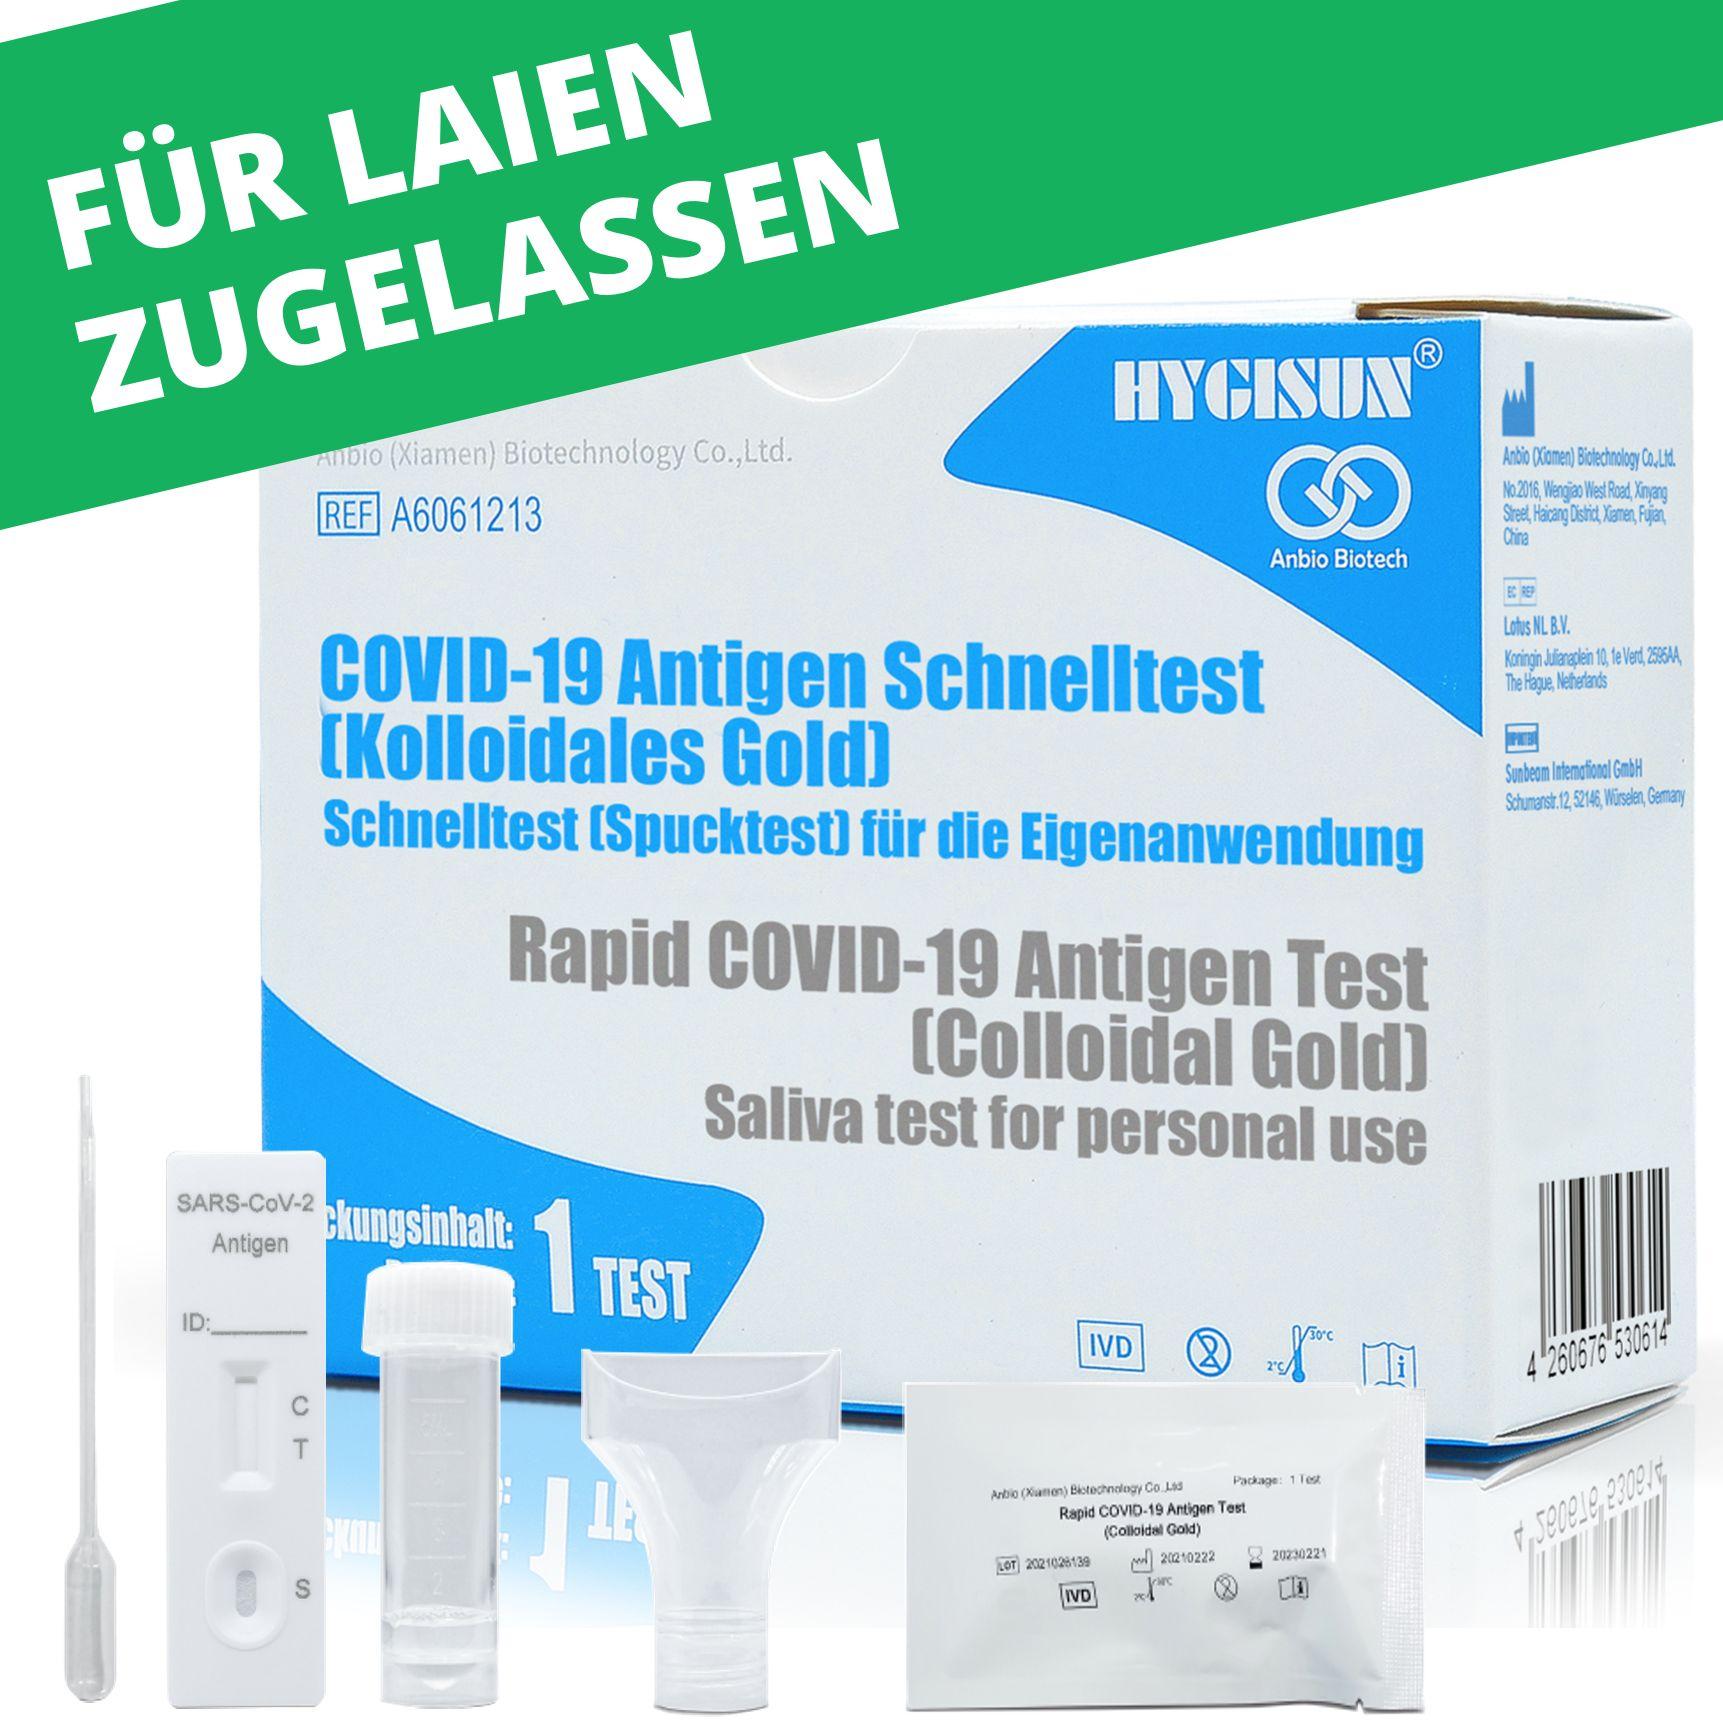 HYGISUN / Anbio Biotech Covid 19 Antigen-Schnelltest / Spucktest (Kolloidales Gold) (Laientest)